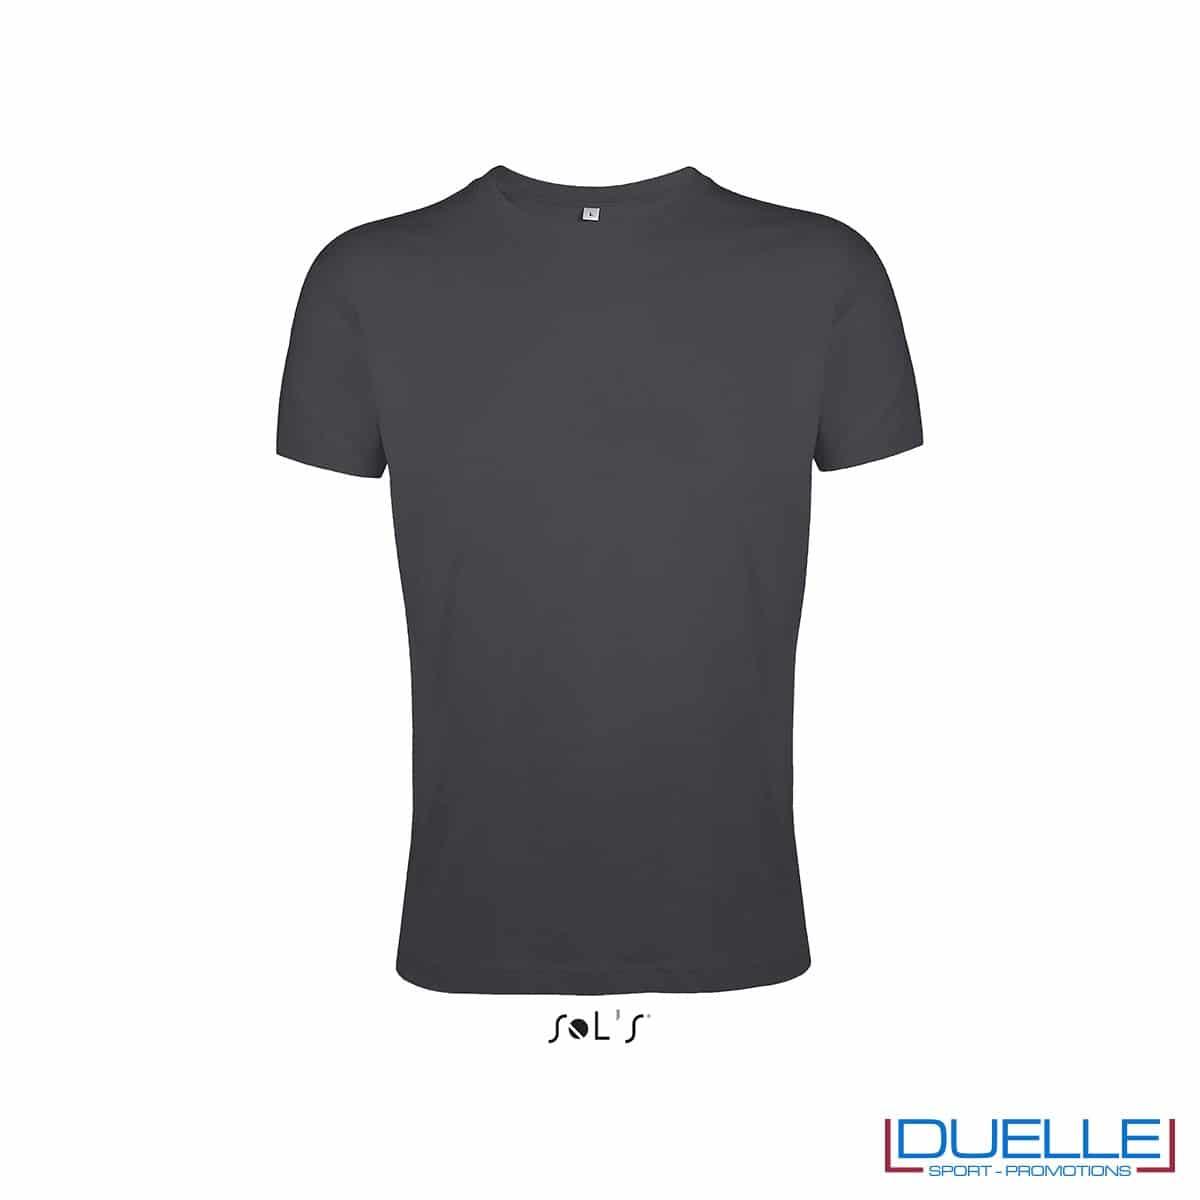 Maglietta uomo personalizzata slim-fit girocollo colore grigio scuro